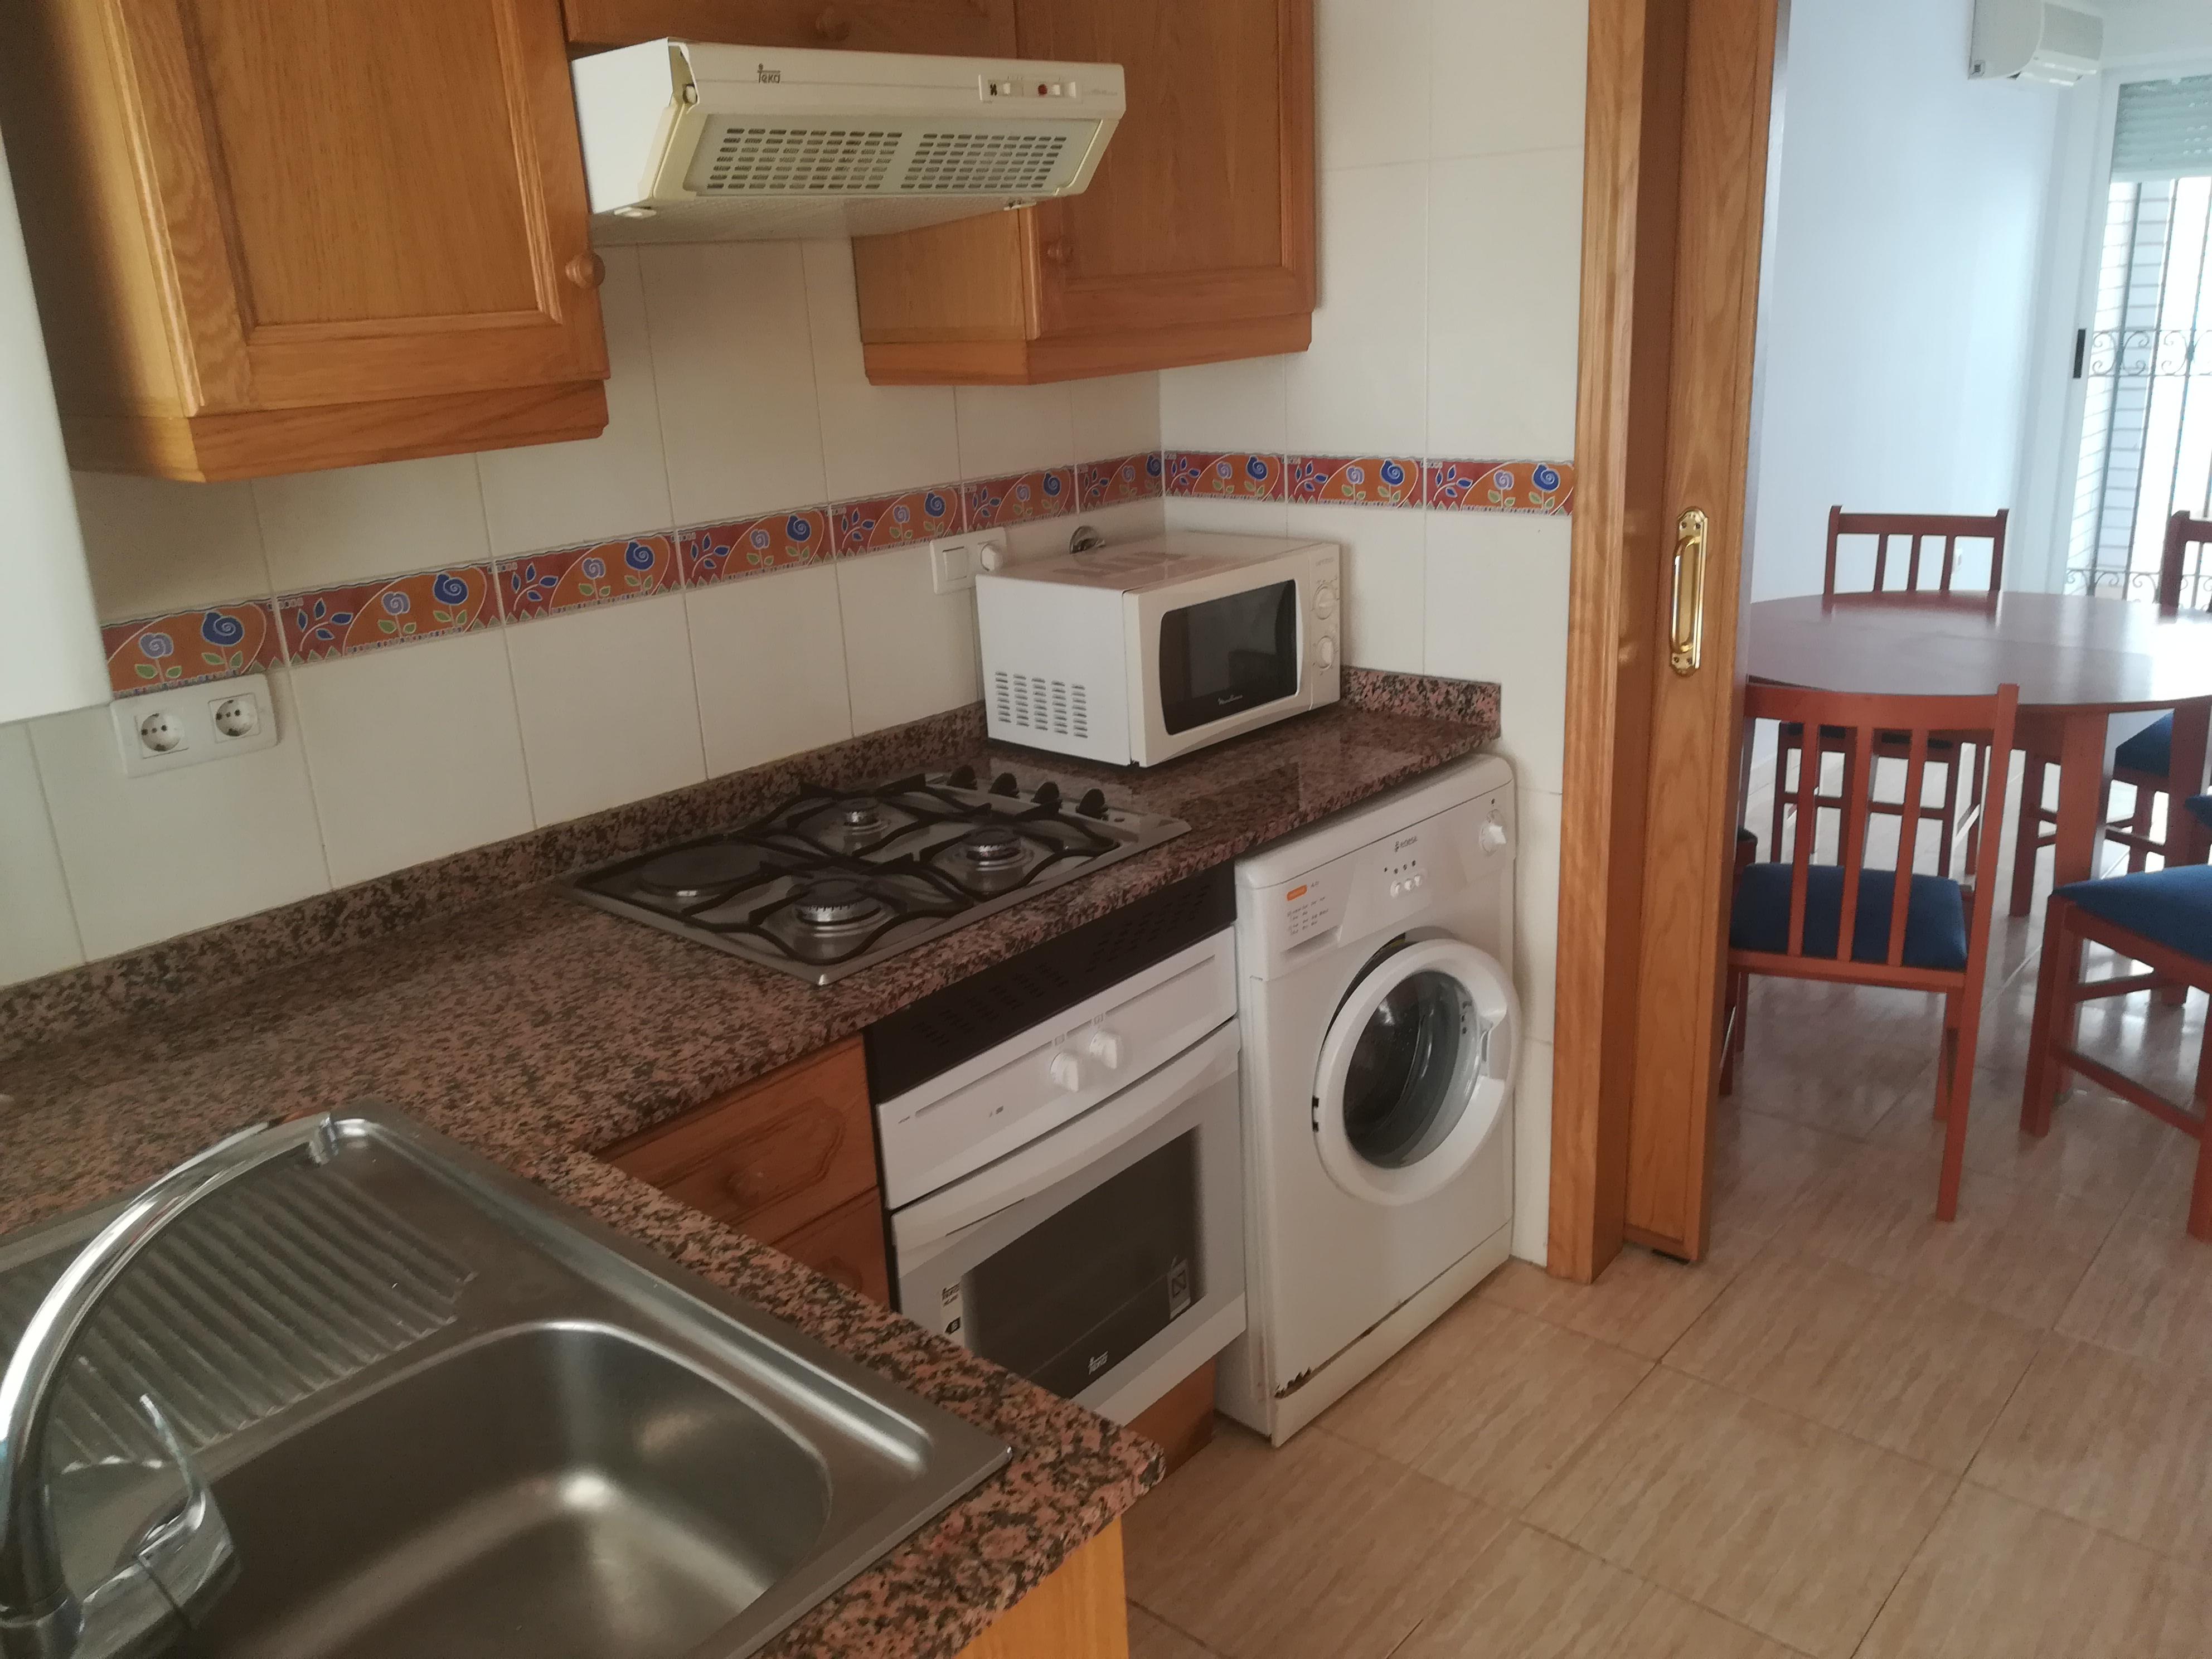 Piso en venta en Marina D´or, Oropesa del Mar/orpesa, Castellón, Calle Moscatell, 87.000 €, 2 habitaciones, 1 baño, 59 m2